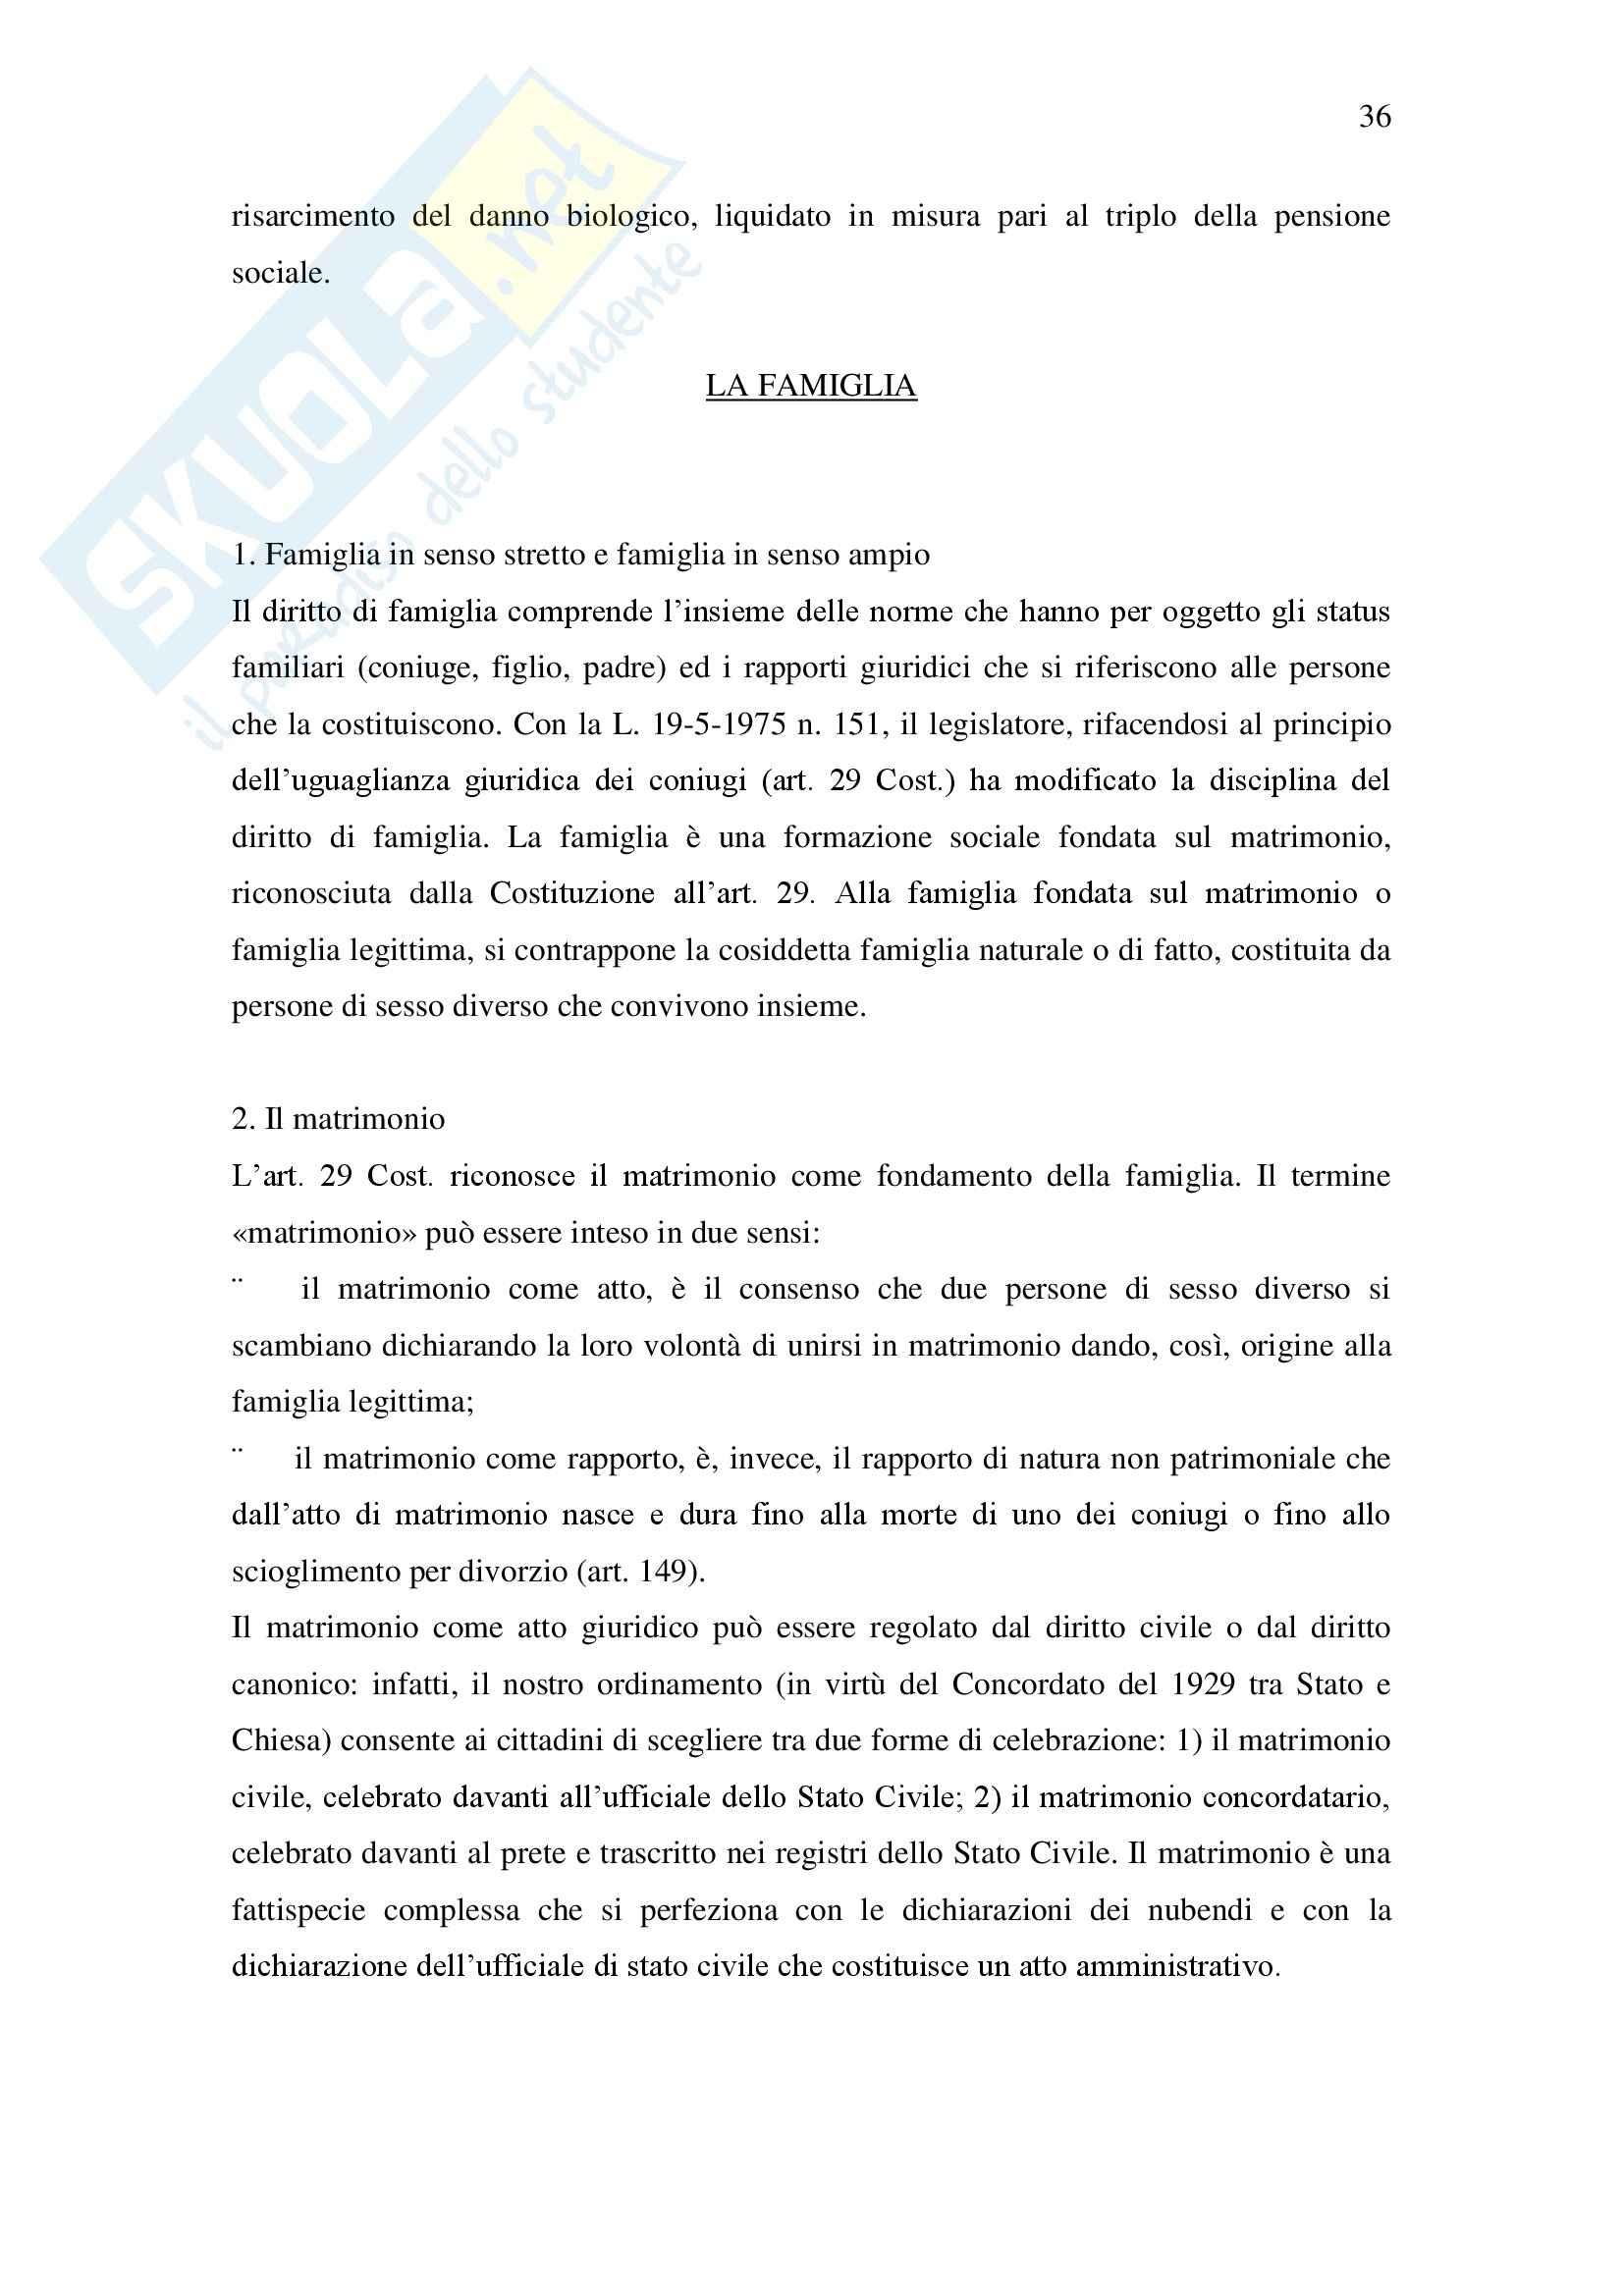 Diritto privato - Appunti Pag. 36